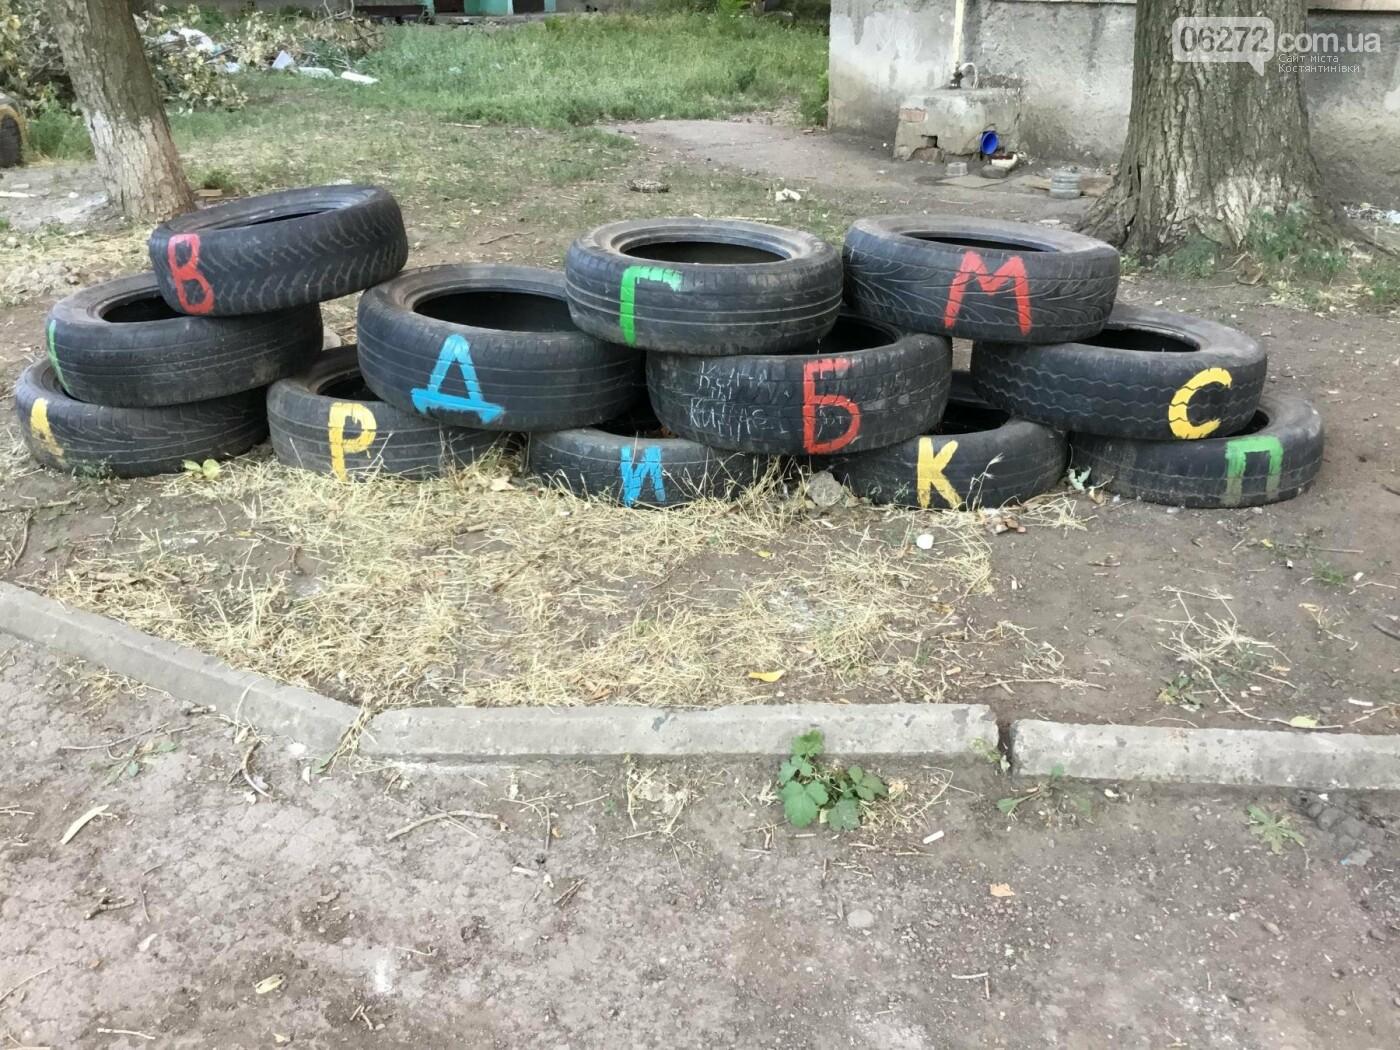 В Константиновке по ул. Безнощенко молодежь сделала спортивную площадку для детей, фото-27